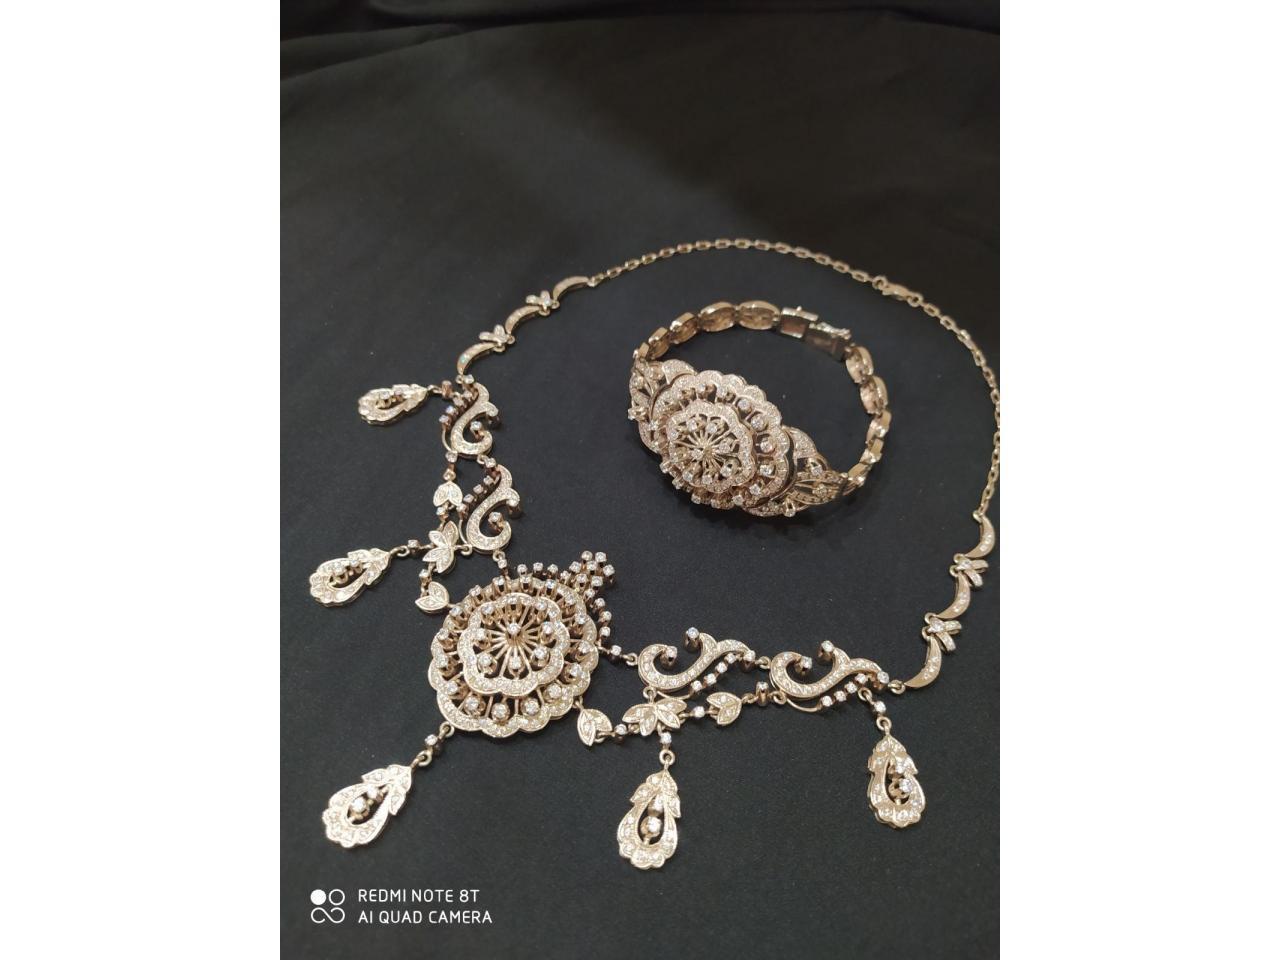 Эксклюзивное ожерелье и брослет серебро 925 пробы - 7